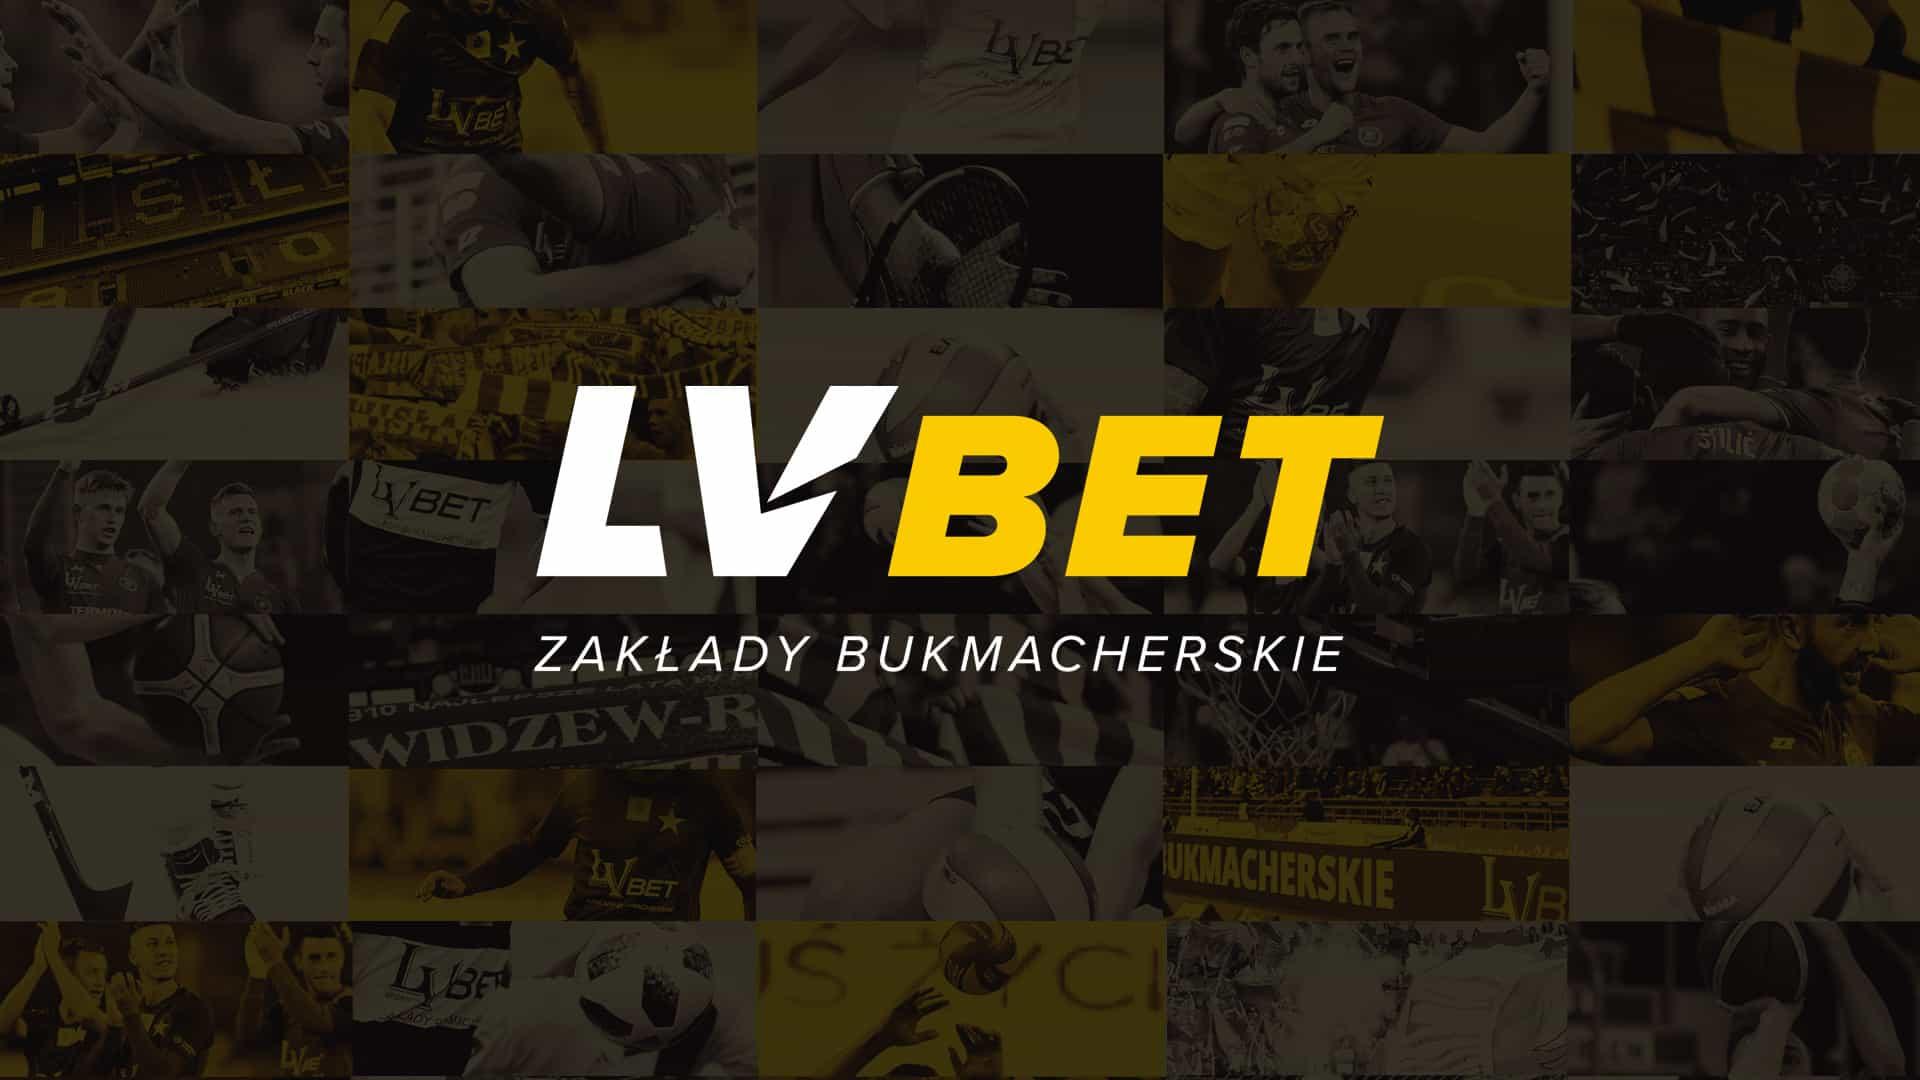 Photo of Zmiany w LV BET. Bukmacher ma nowe logo!